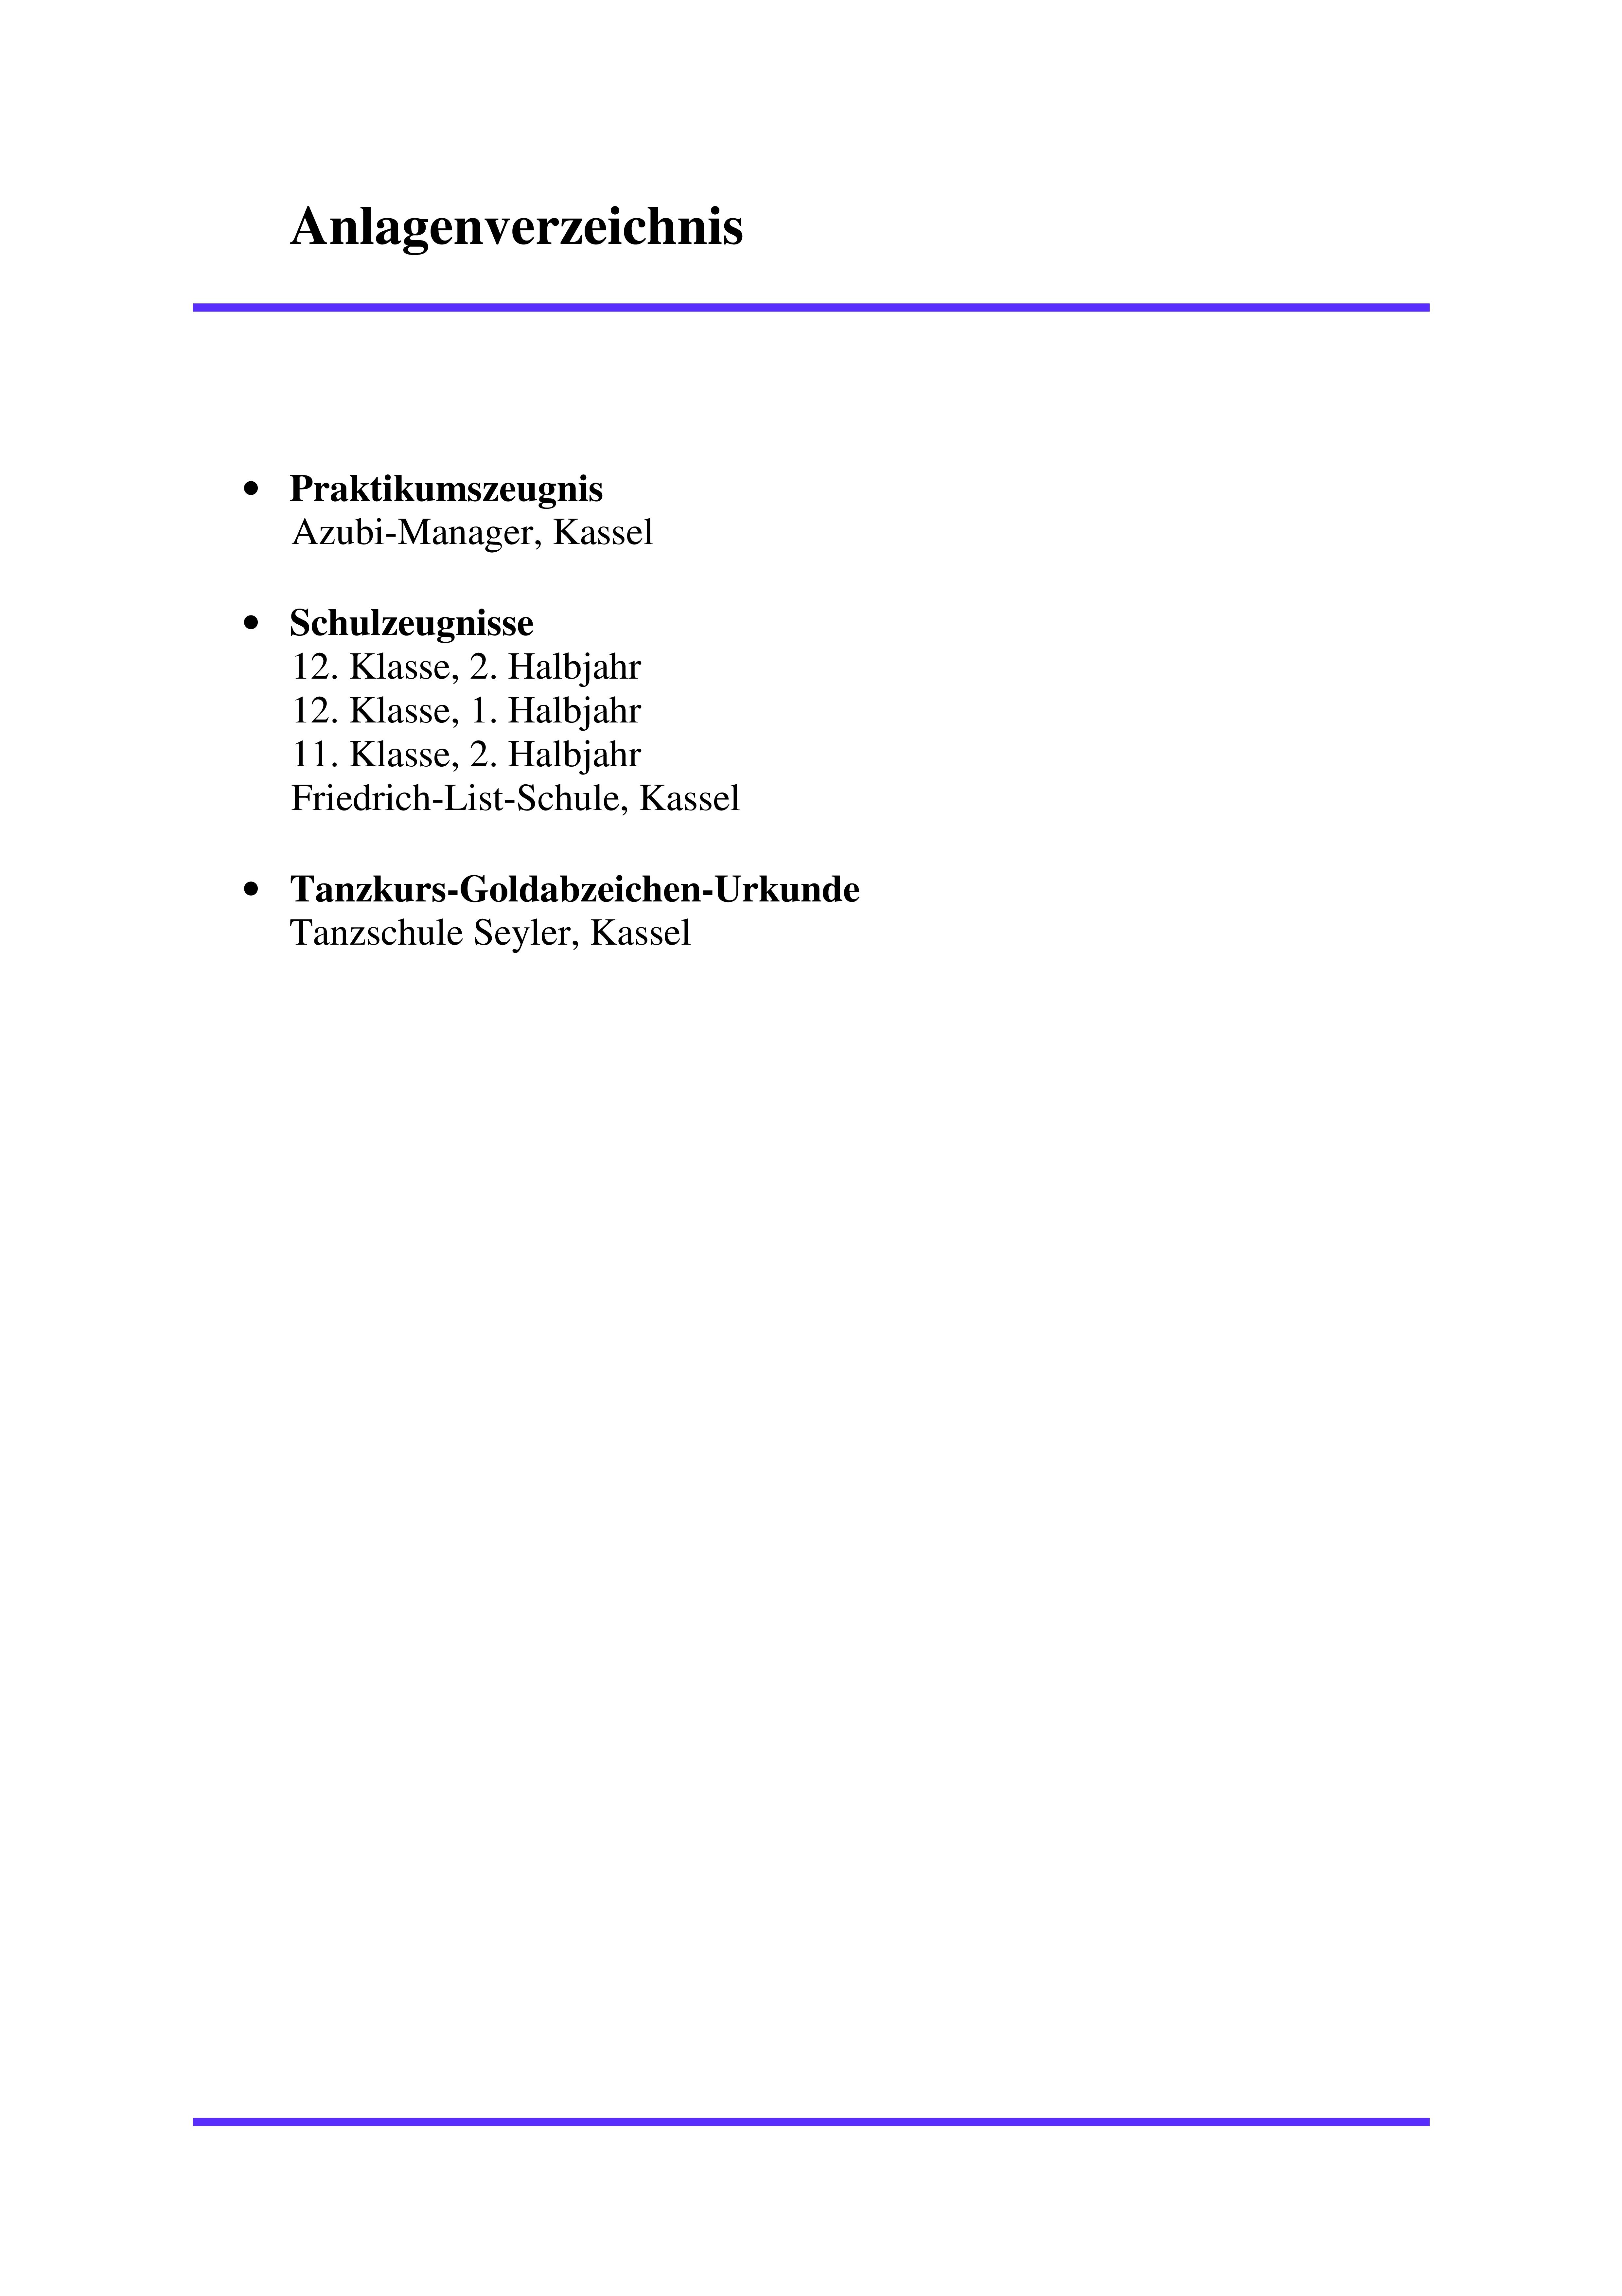 anlagenverzeichnis 001